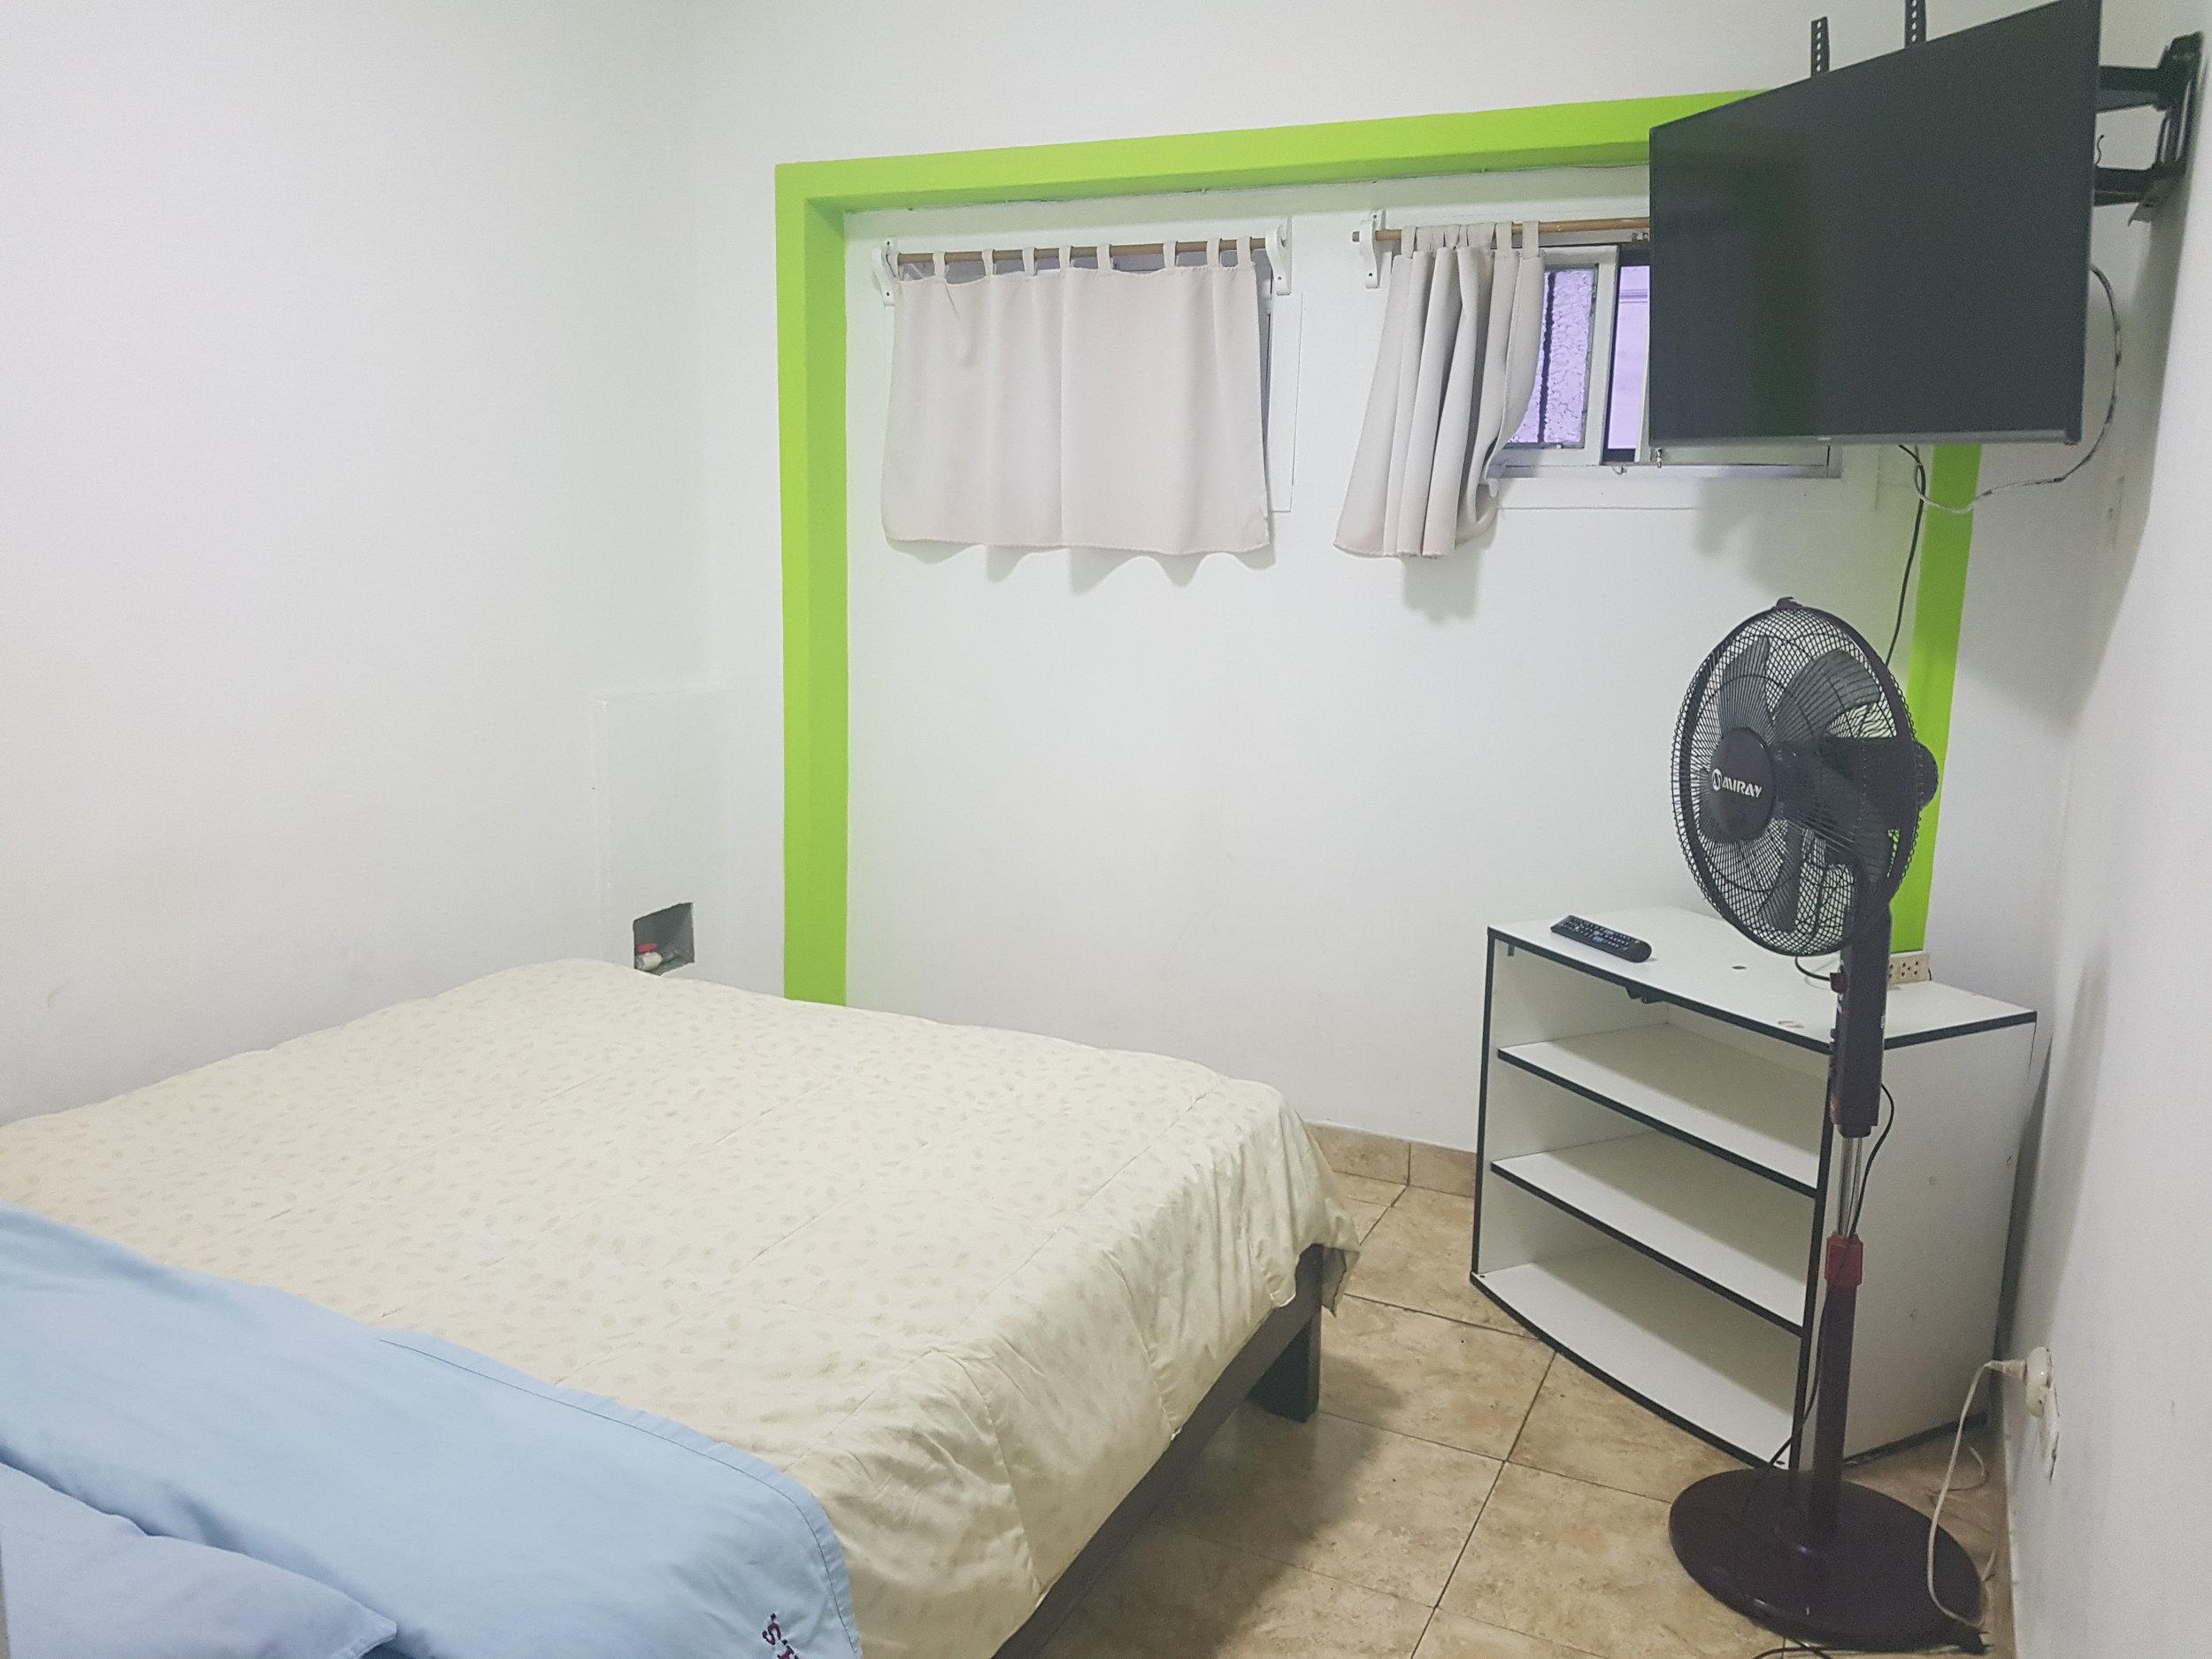 Habitacion privado - Ideal para los que quieren vivir la experiencia de mochileros pero sin perder privacidad